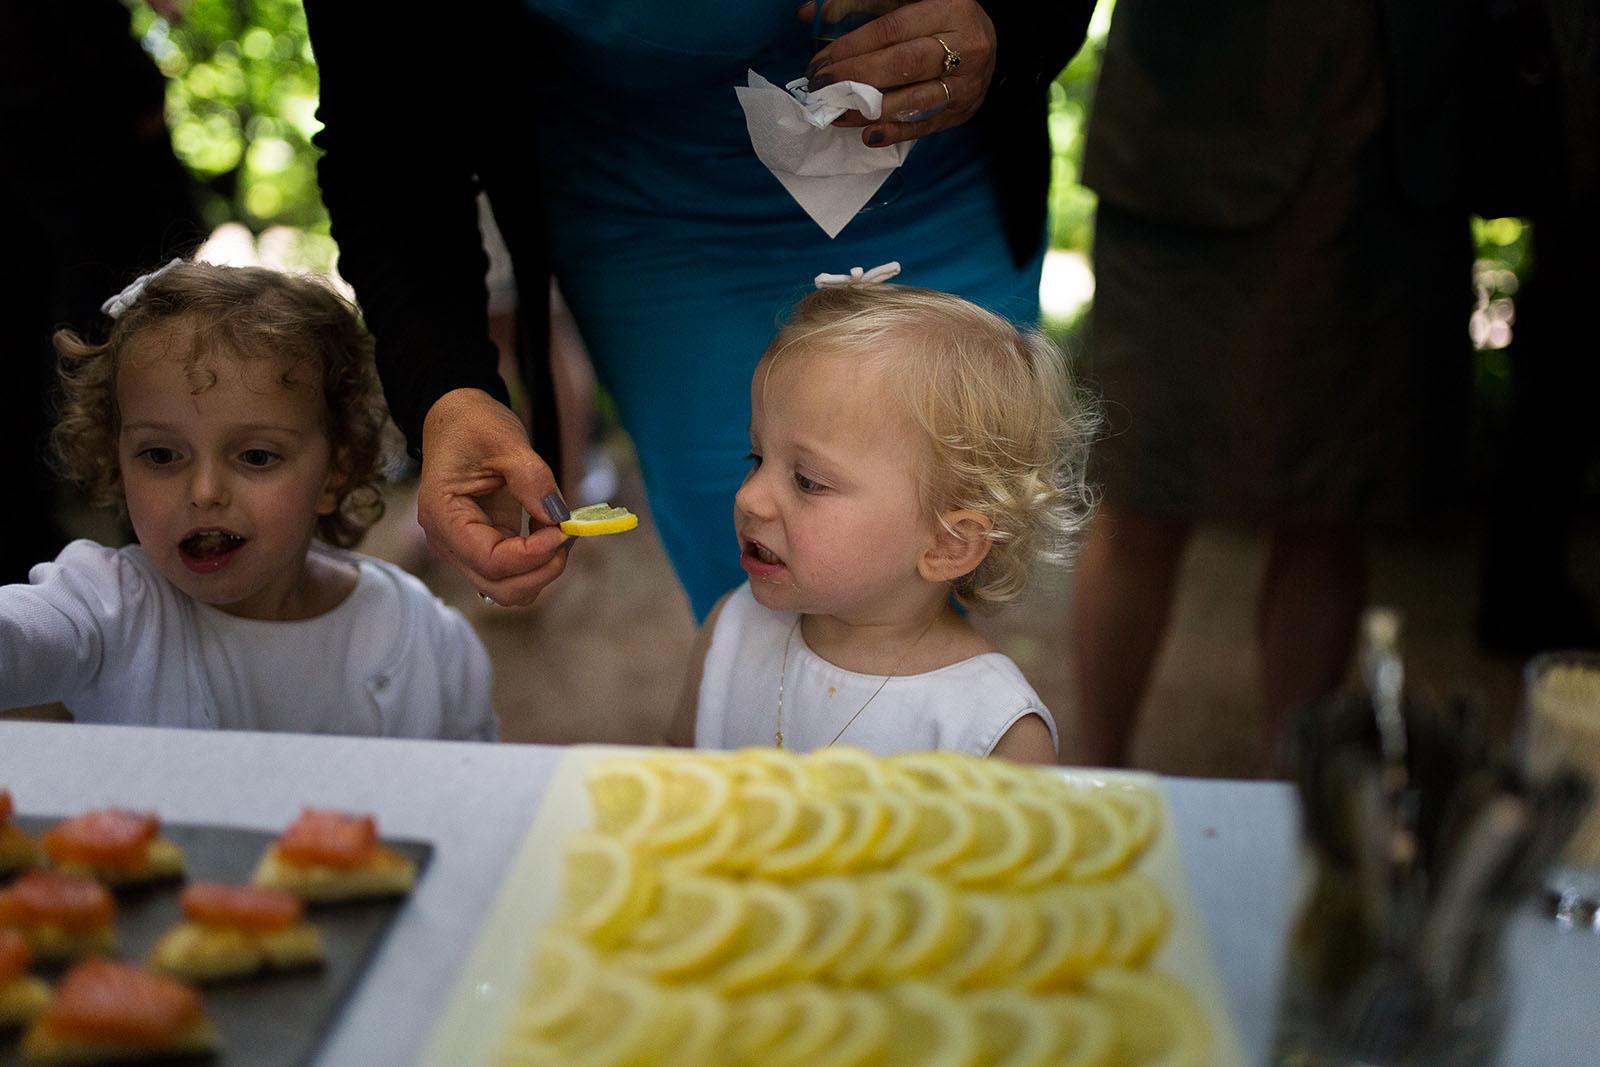 Photographe de mariage à Lyon. Enfant qui mange un citron, tête bizarre